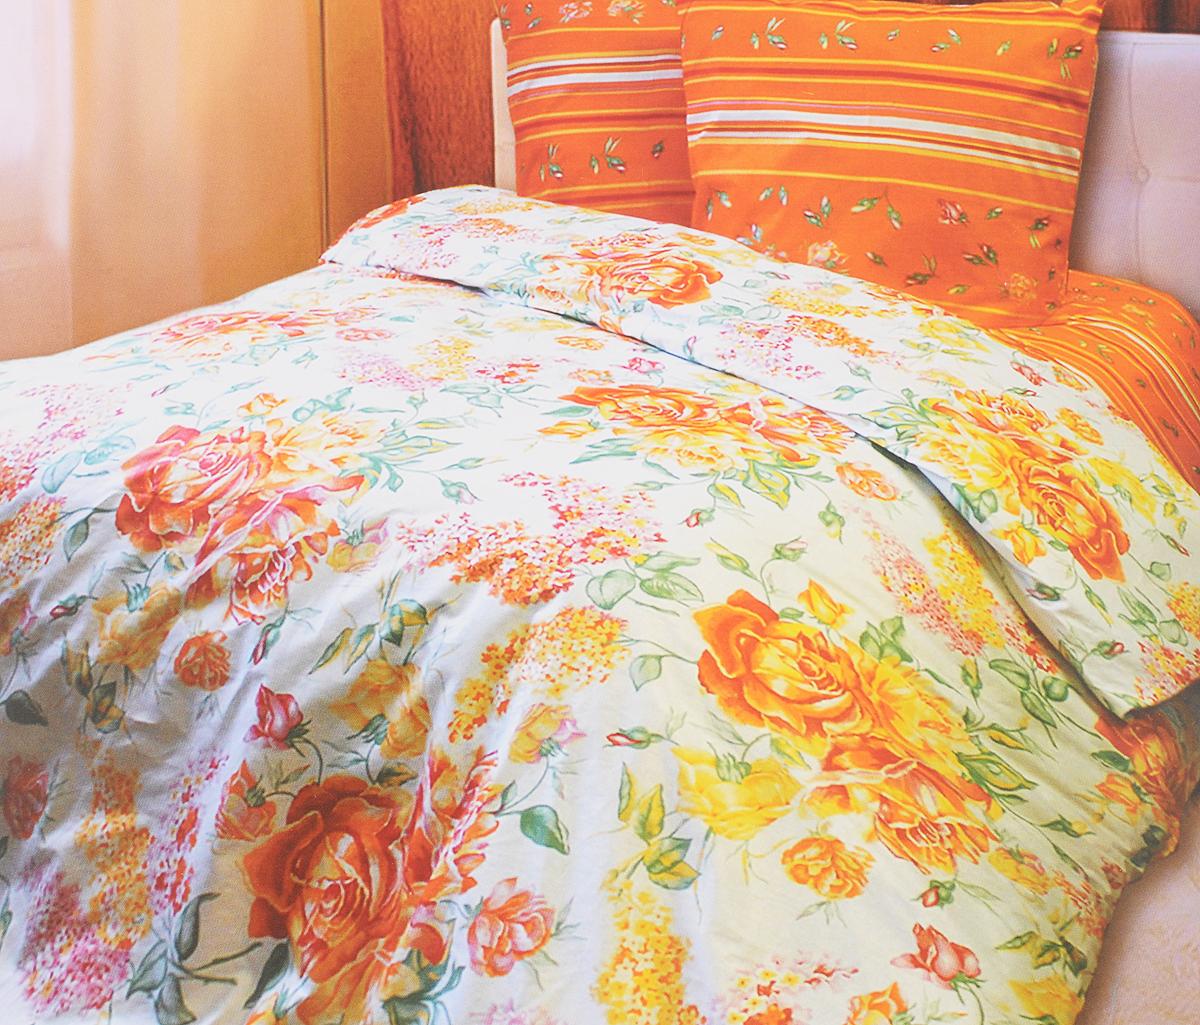 Комплект белья Катюша Сюзанна, семейный, наволочки 70х70, цвет: белый, оранжевыйC-118/3839Комплект постельного белья Катюша Сюзанна является экологически безопасным для всей семьи, так как выполнен из бязи (100% хлопок). Комплект состоит из двух пододеяльников, простыни и двух наволочек. Постельное белье оформлено оригинальным рисунком и имеет изысканный внешний вид. Бязь - это ткань полотняного переплетения, изготовленная из экологически чистого и натурального 100% хлопка. Она прочная, мягкая, обладает низкой сминаемостью, легко стирается и хорошо гладится. Бязь прекрасно пропускает воздух и за ней легко ухаживать. При соблюдении рекомендуемых условий стирки, сушки и глажения ткань имеет усадку по ГОСТу, сохранятся яркость текстильных рисунков. Приобретая комплект постельного белья Катюша Сюзанна, вы можете быть уверенны в том, что покупка доставит вам и вашим близким удовольствие и подарит максимальный комфорт.